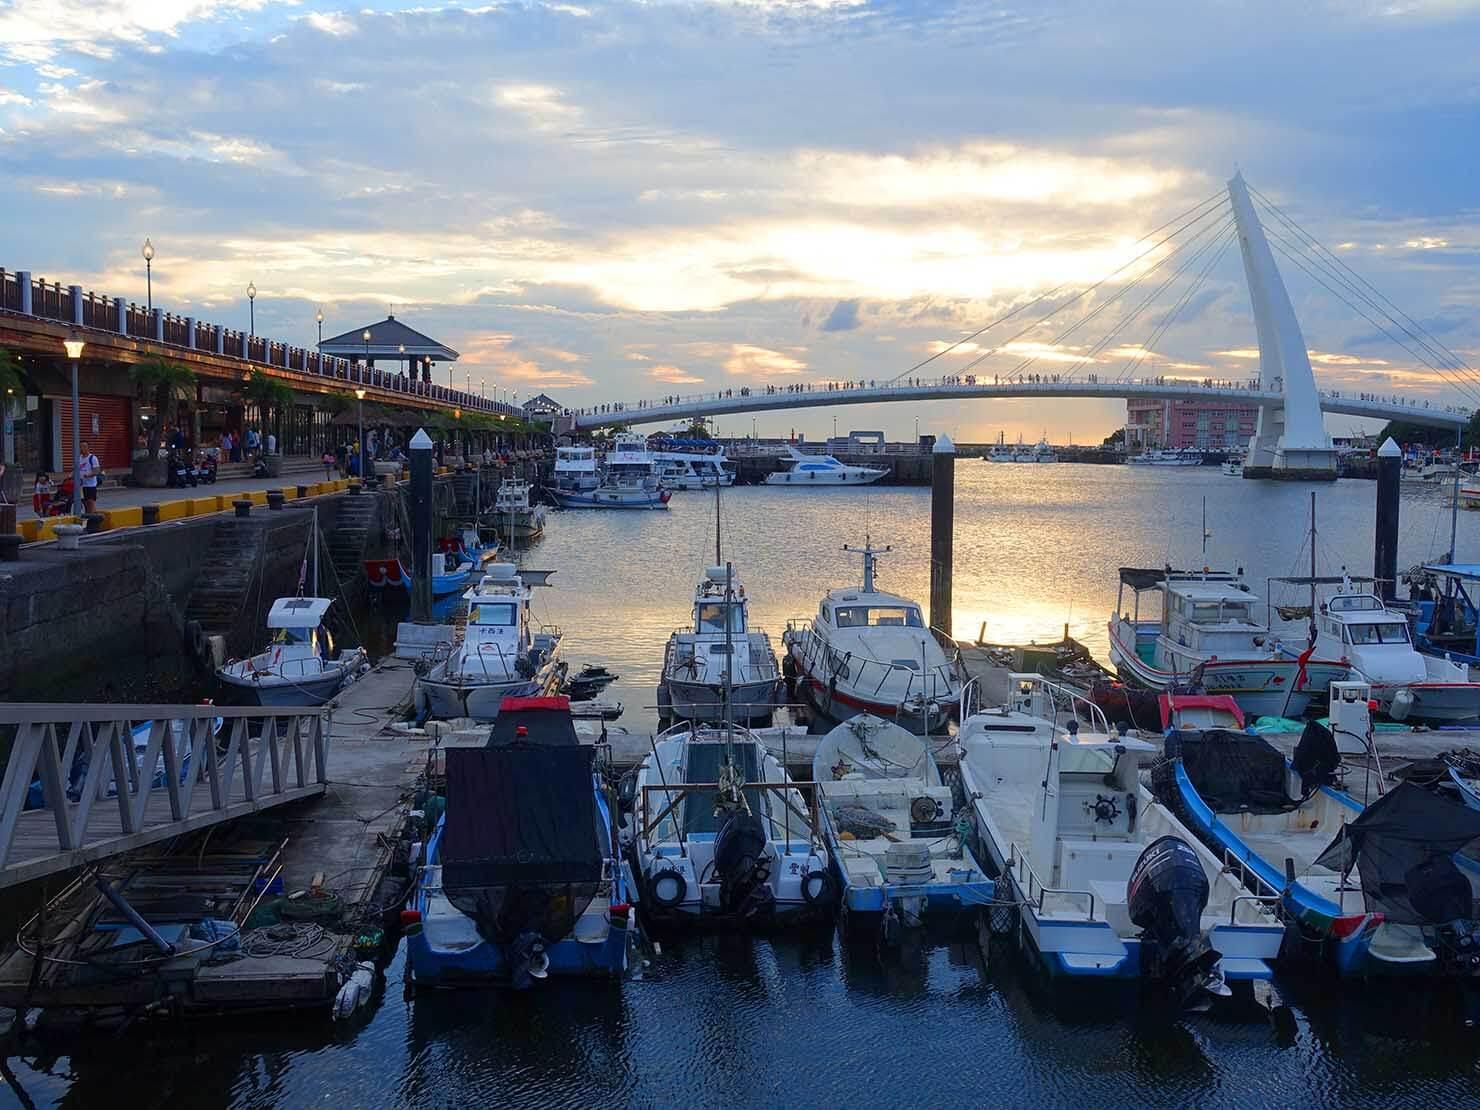 台北・淡水のおすすスポット「漁人碼頭」の情人橋